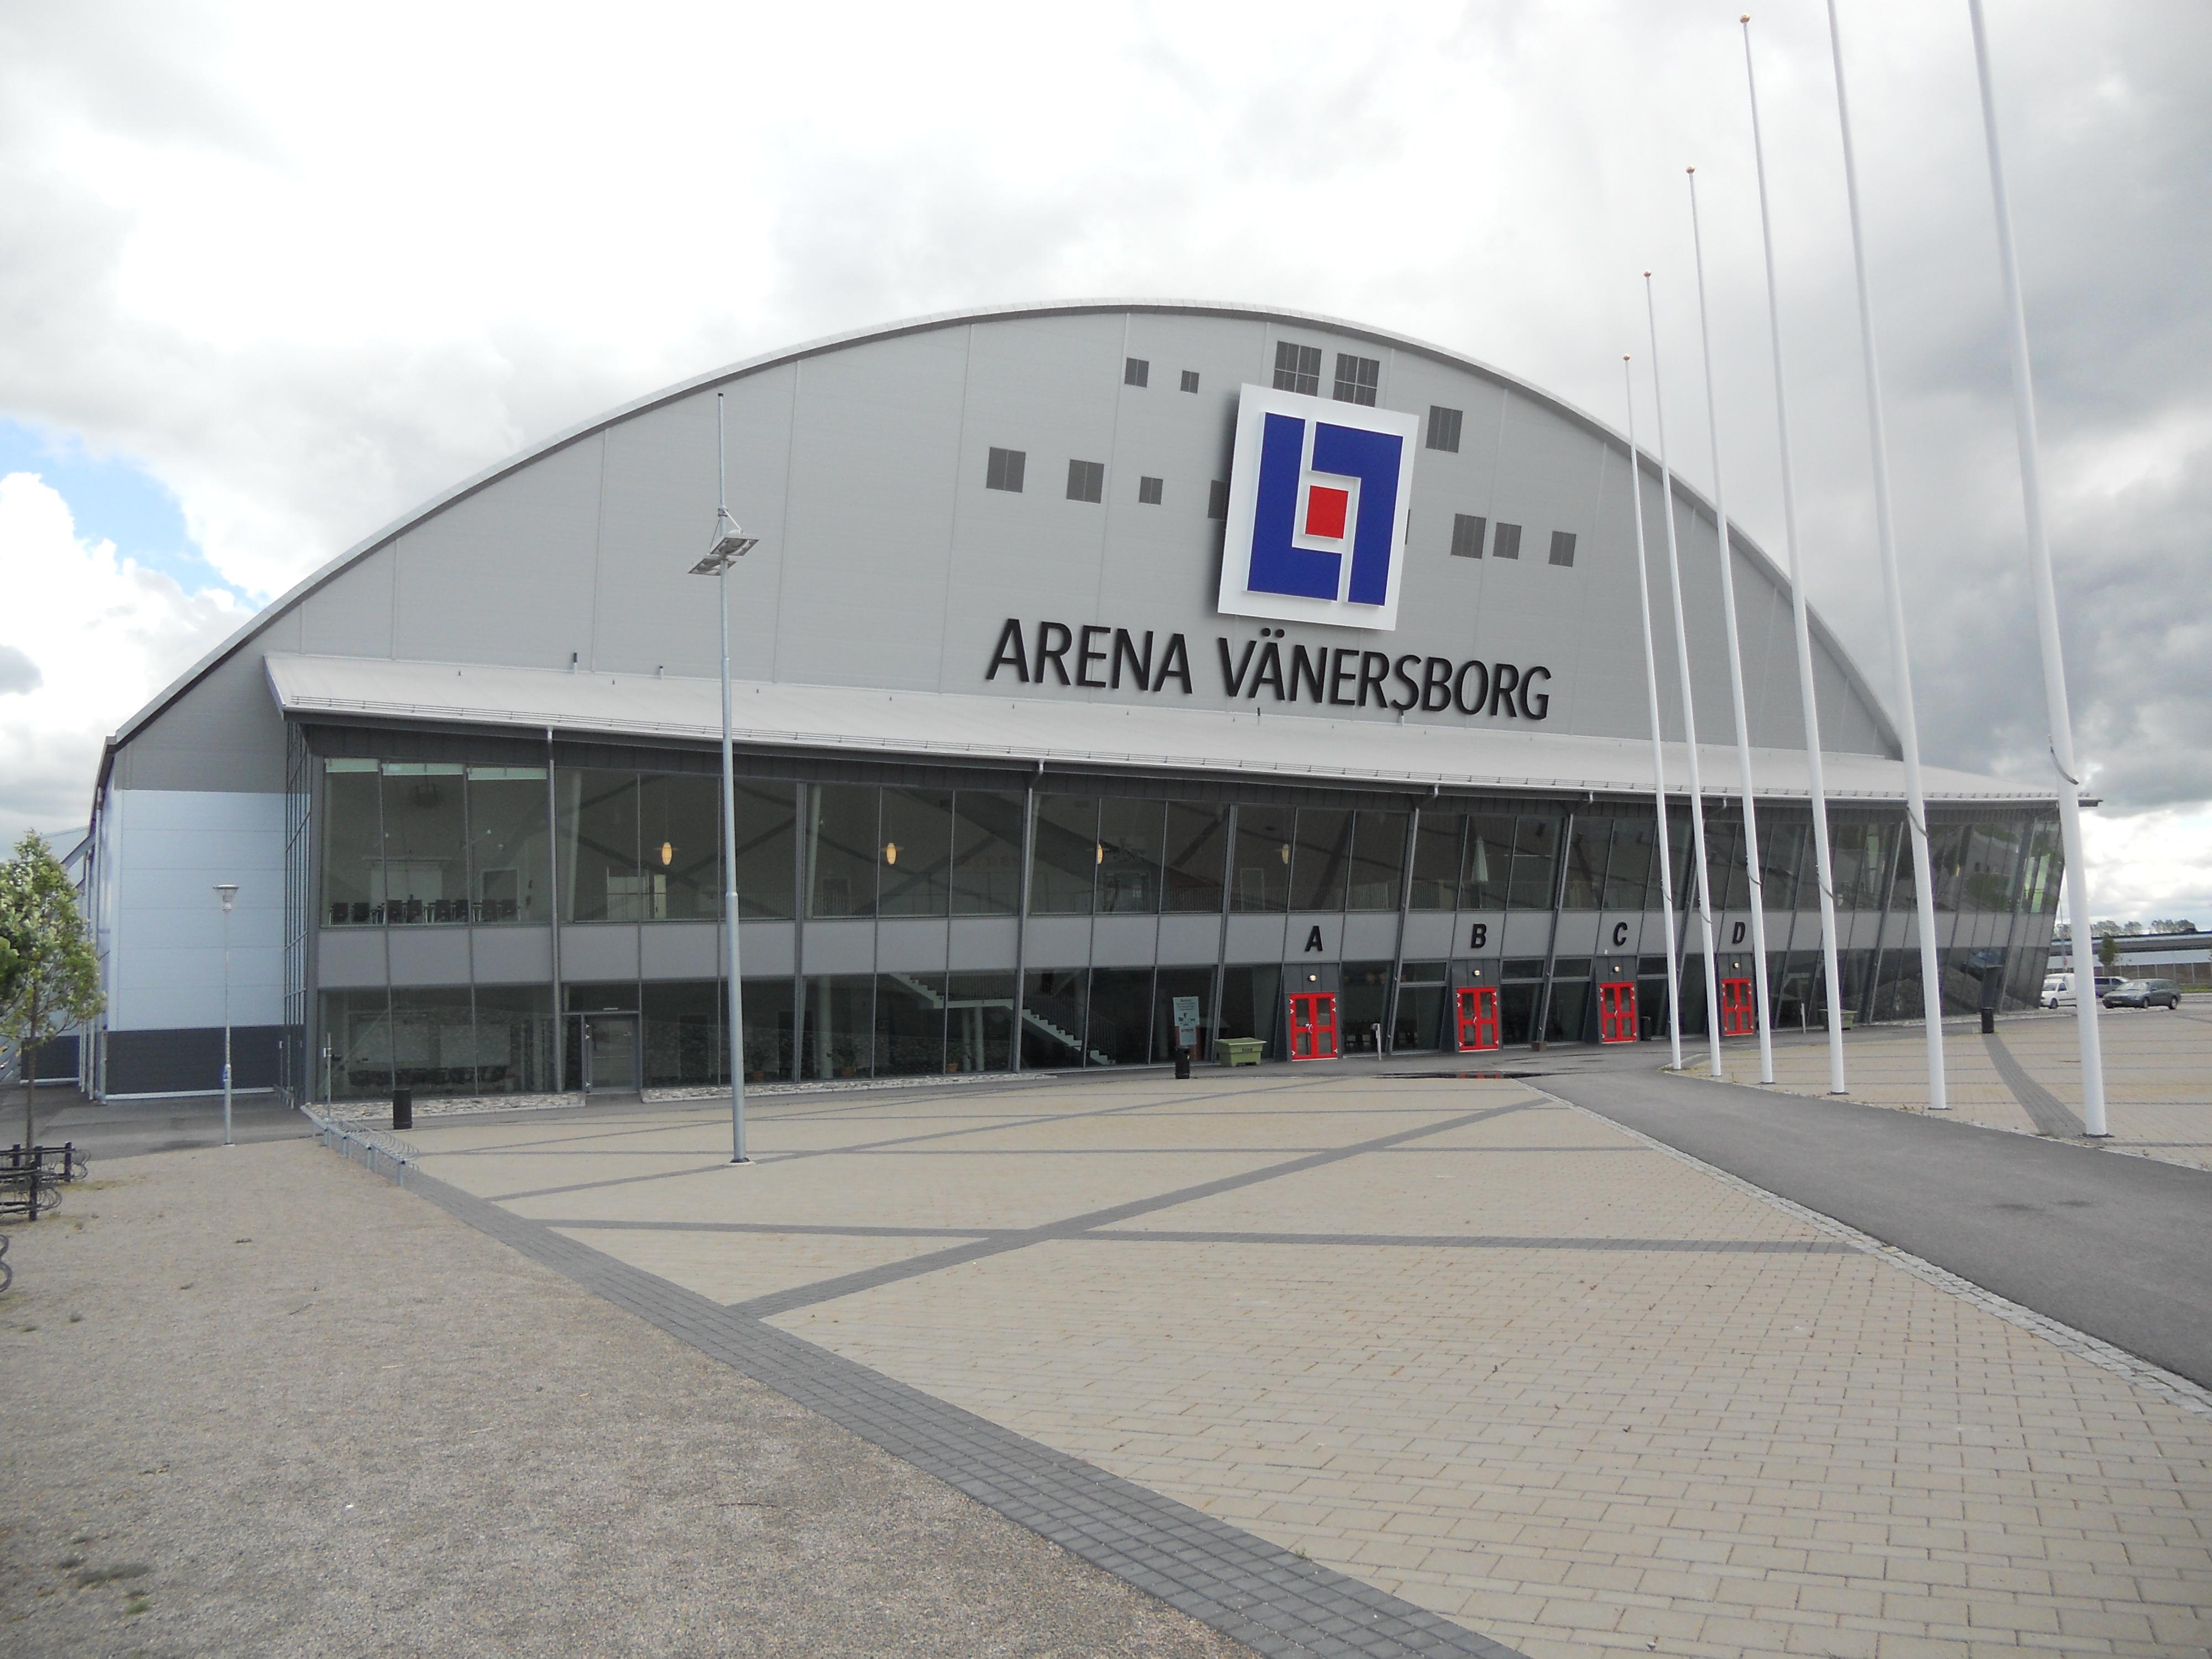 vänersborg shopping center